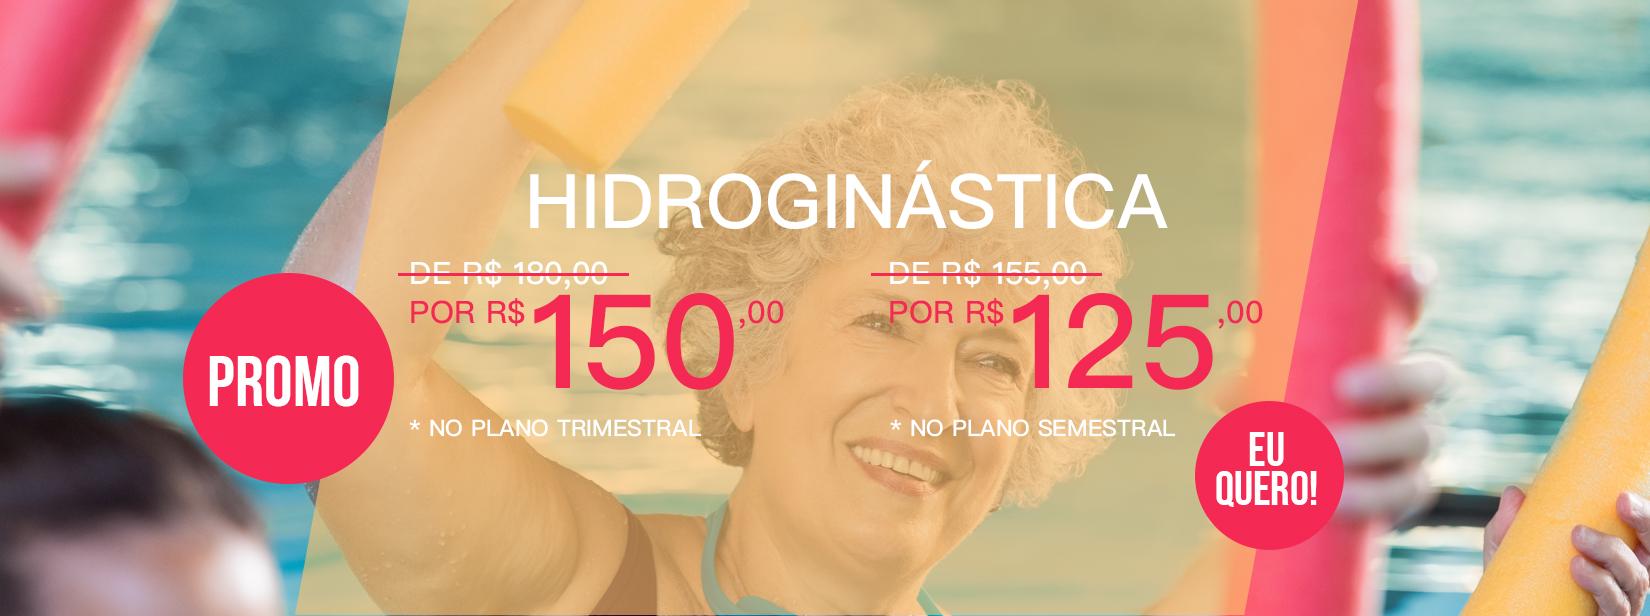 Promo-Hidro